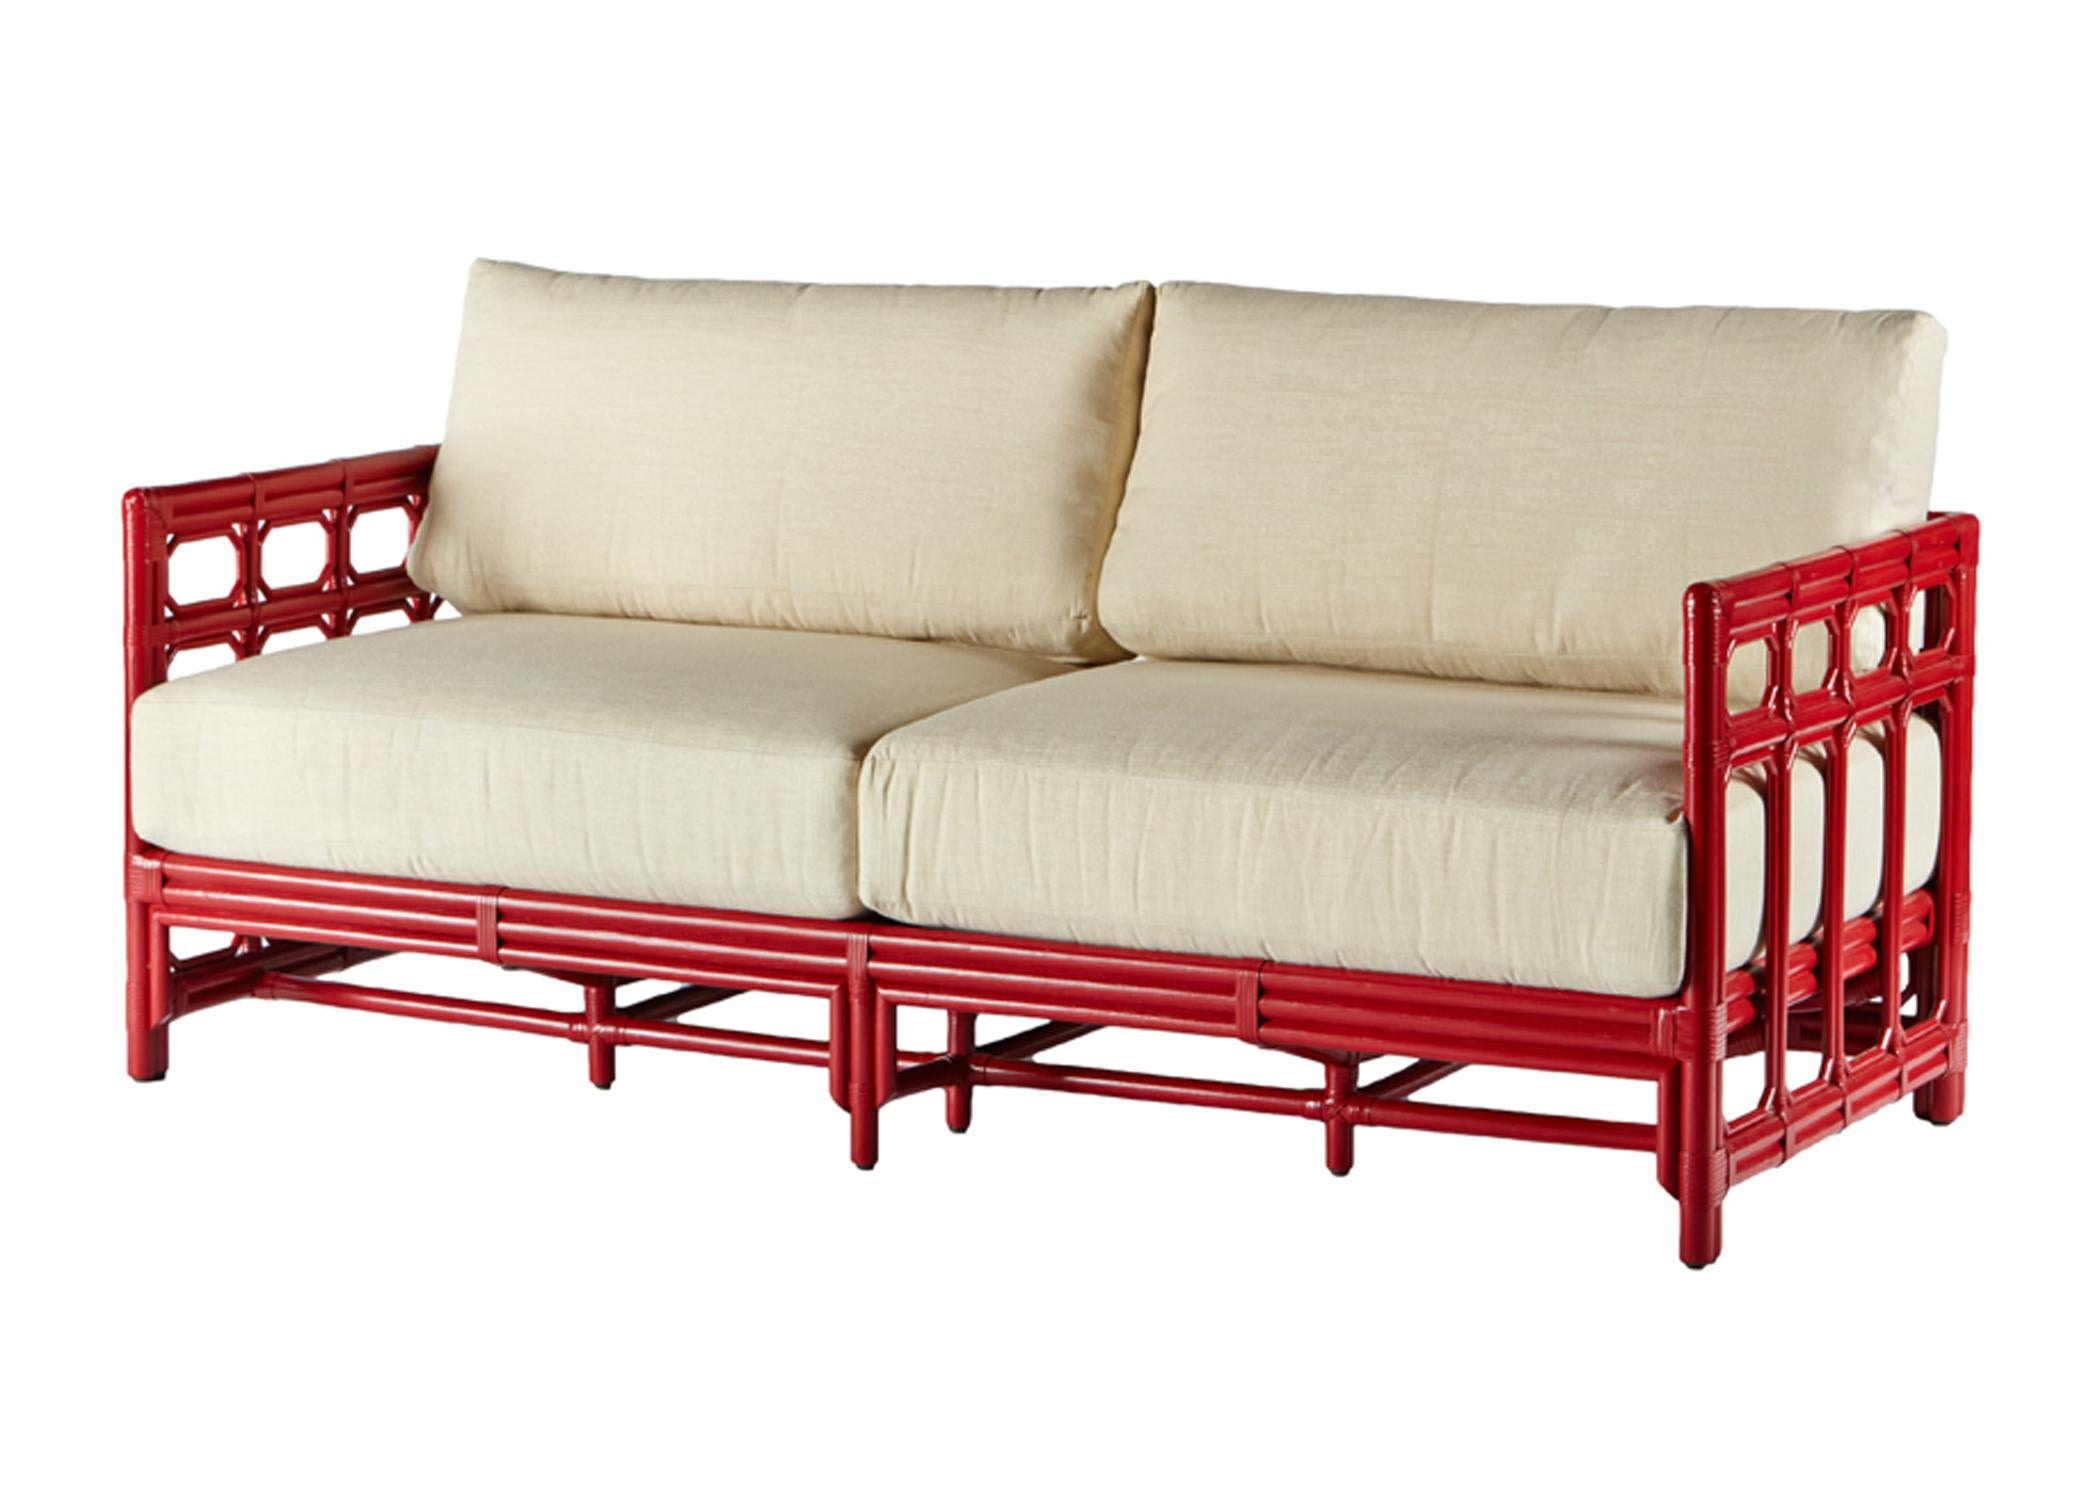 Selamat Designs Regeant Antique Red Sofa